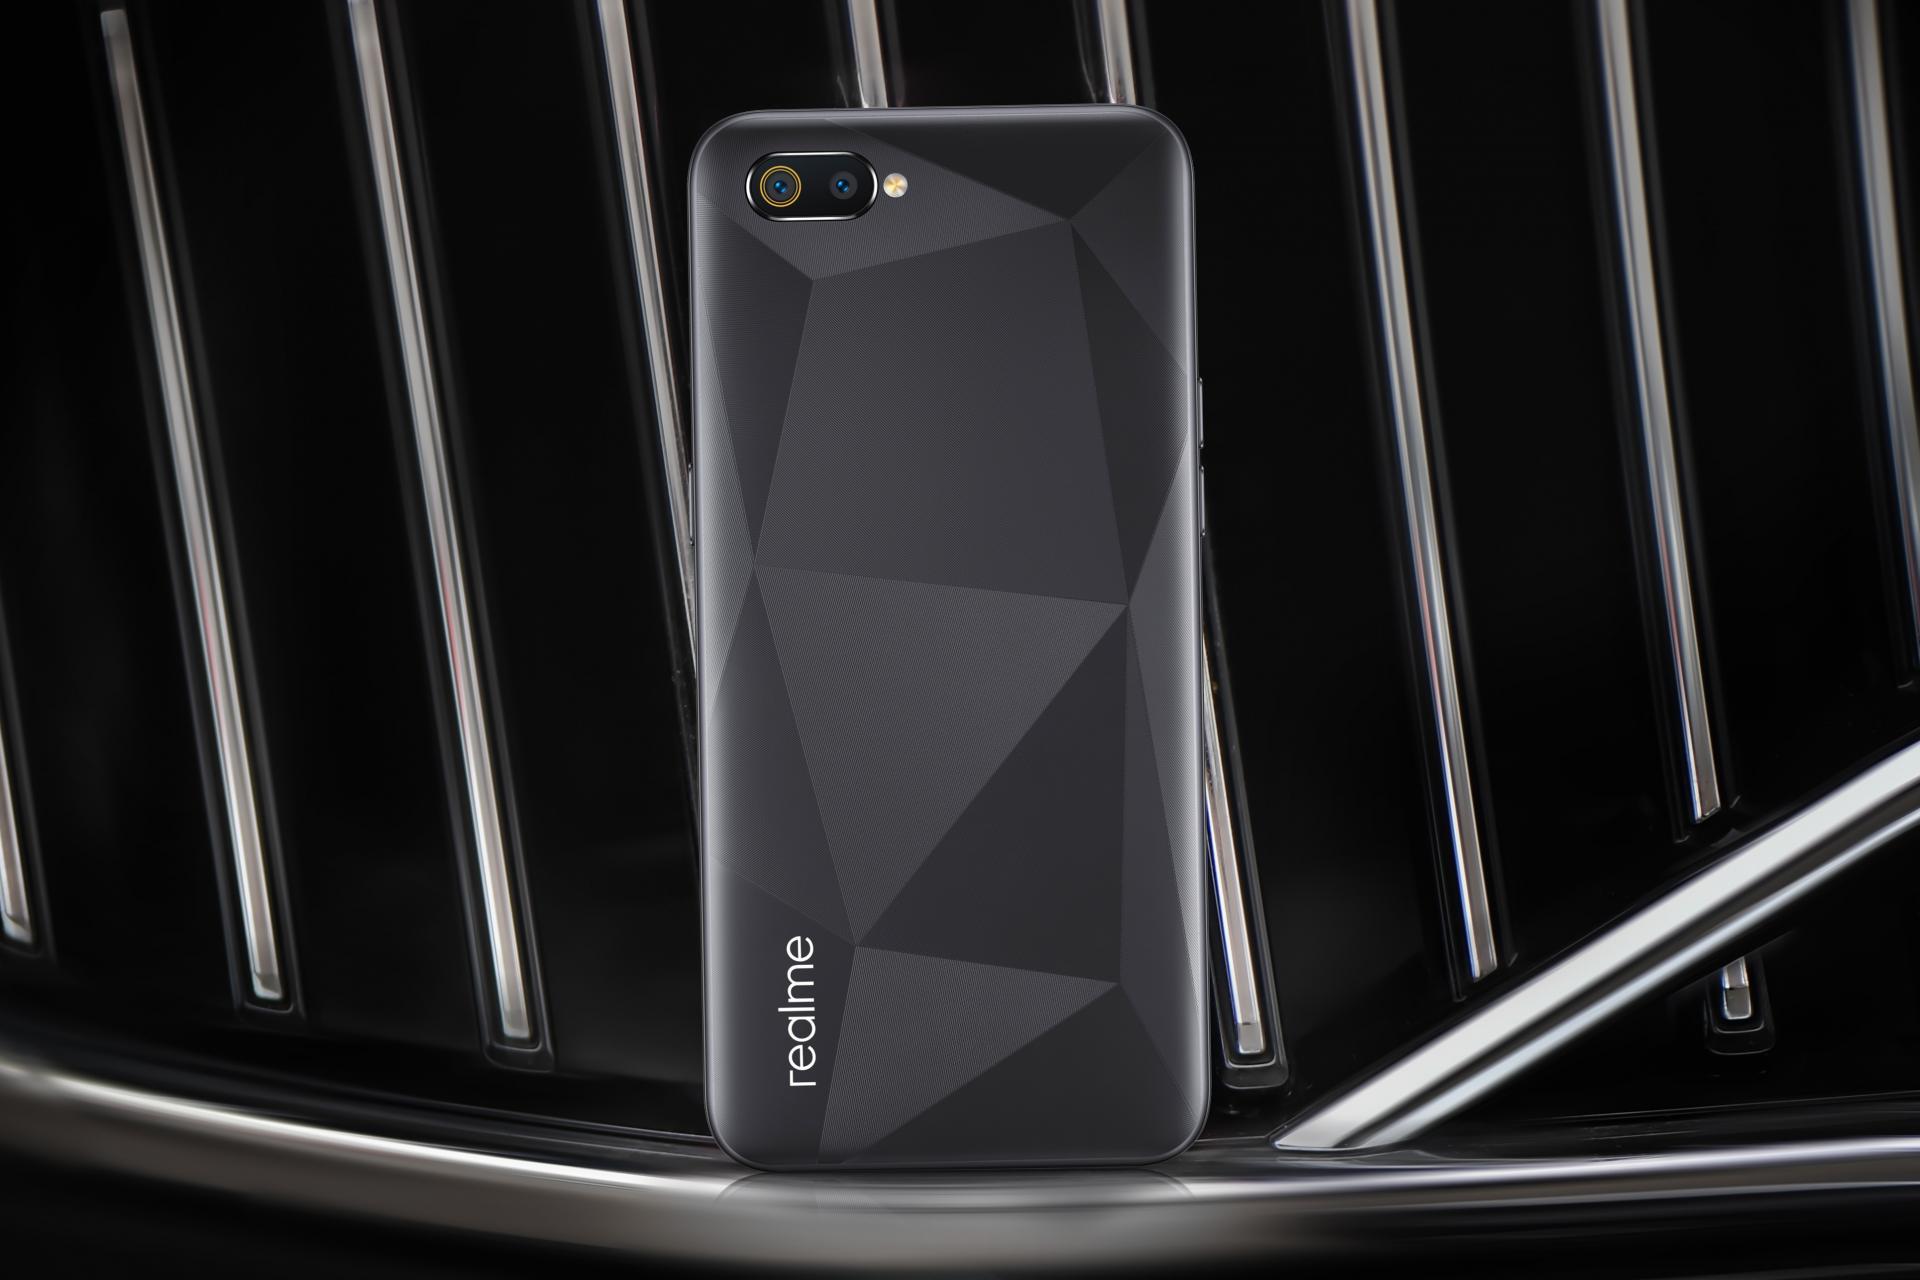 Динамично развивающийся бренд realme представил модели realme 3 Pro, realme 3 иC2 для российского рынка ссущественной выгодой